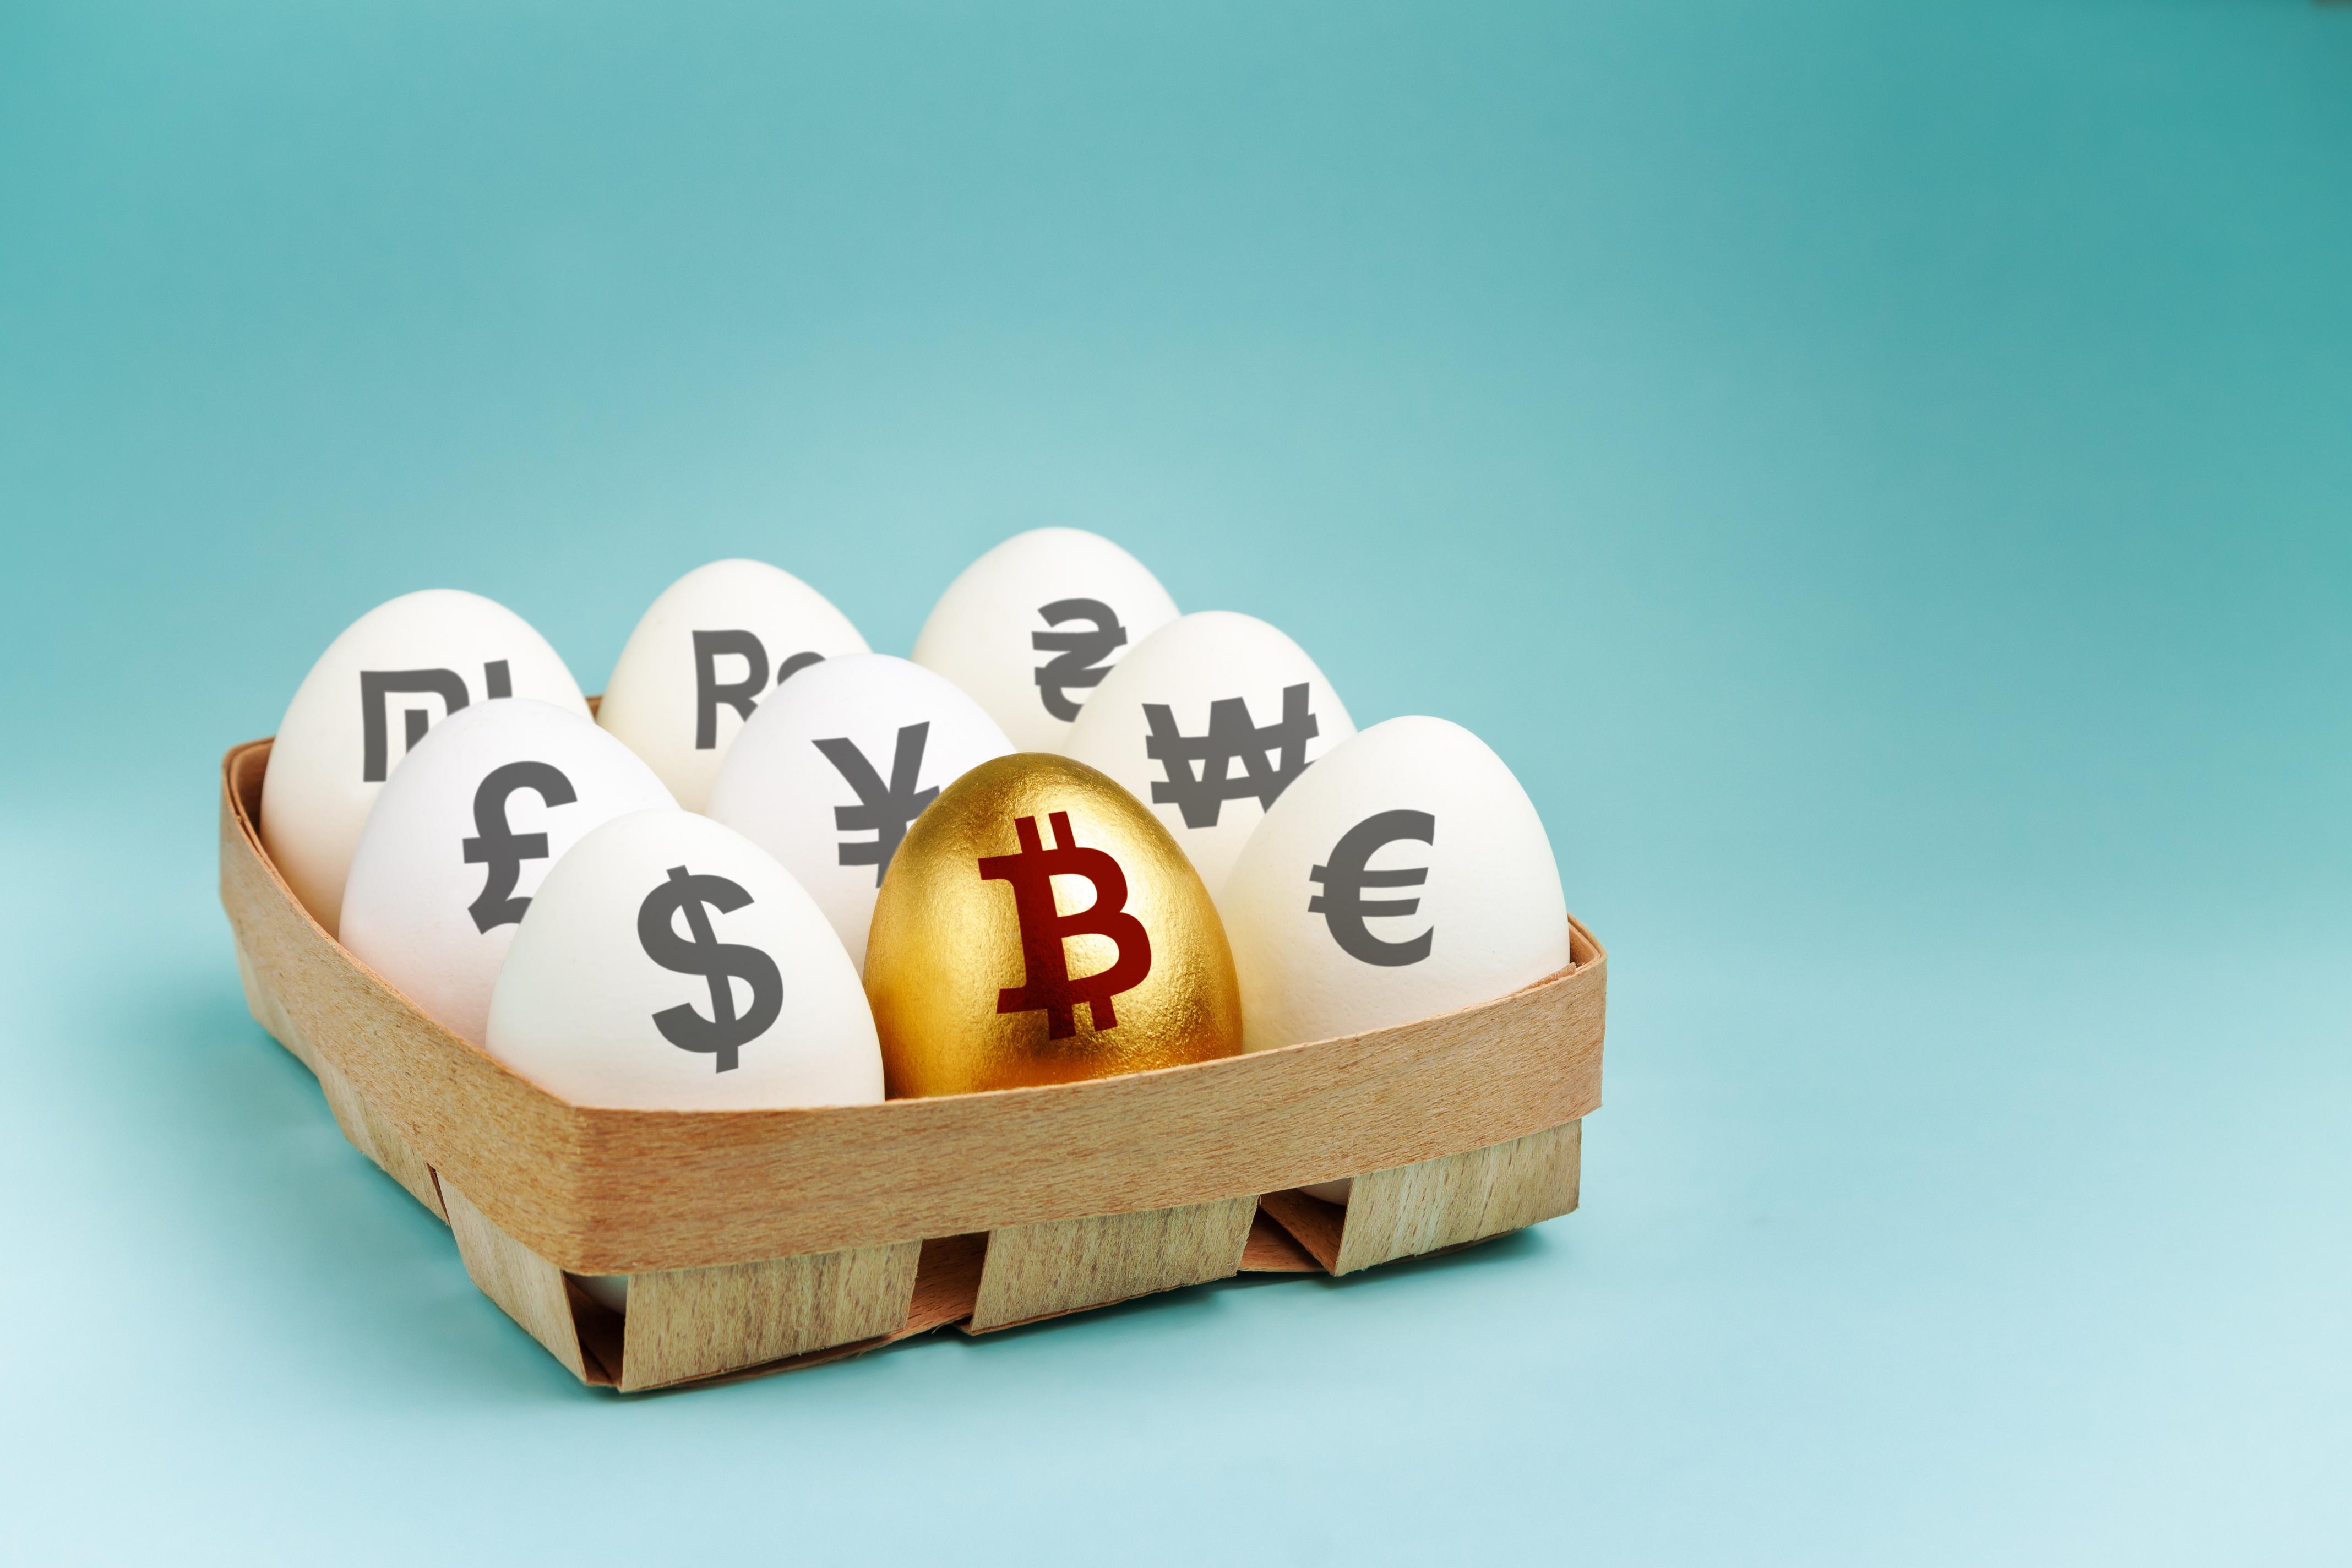 Steve hanke bitcoins blaine t. bettinger genealogy